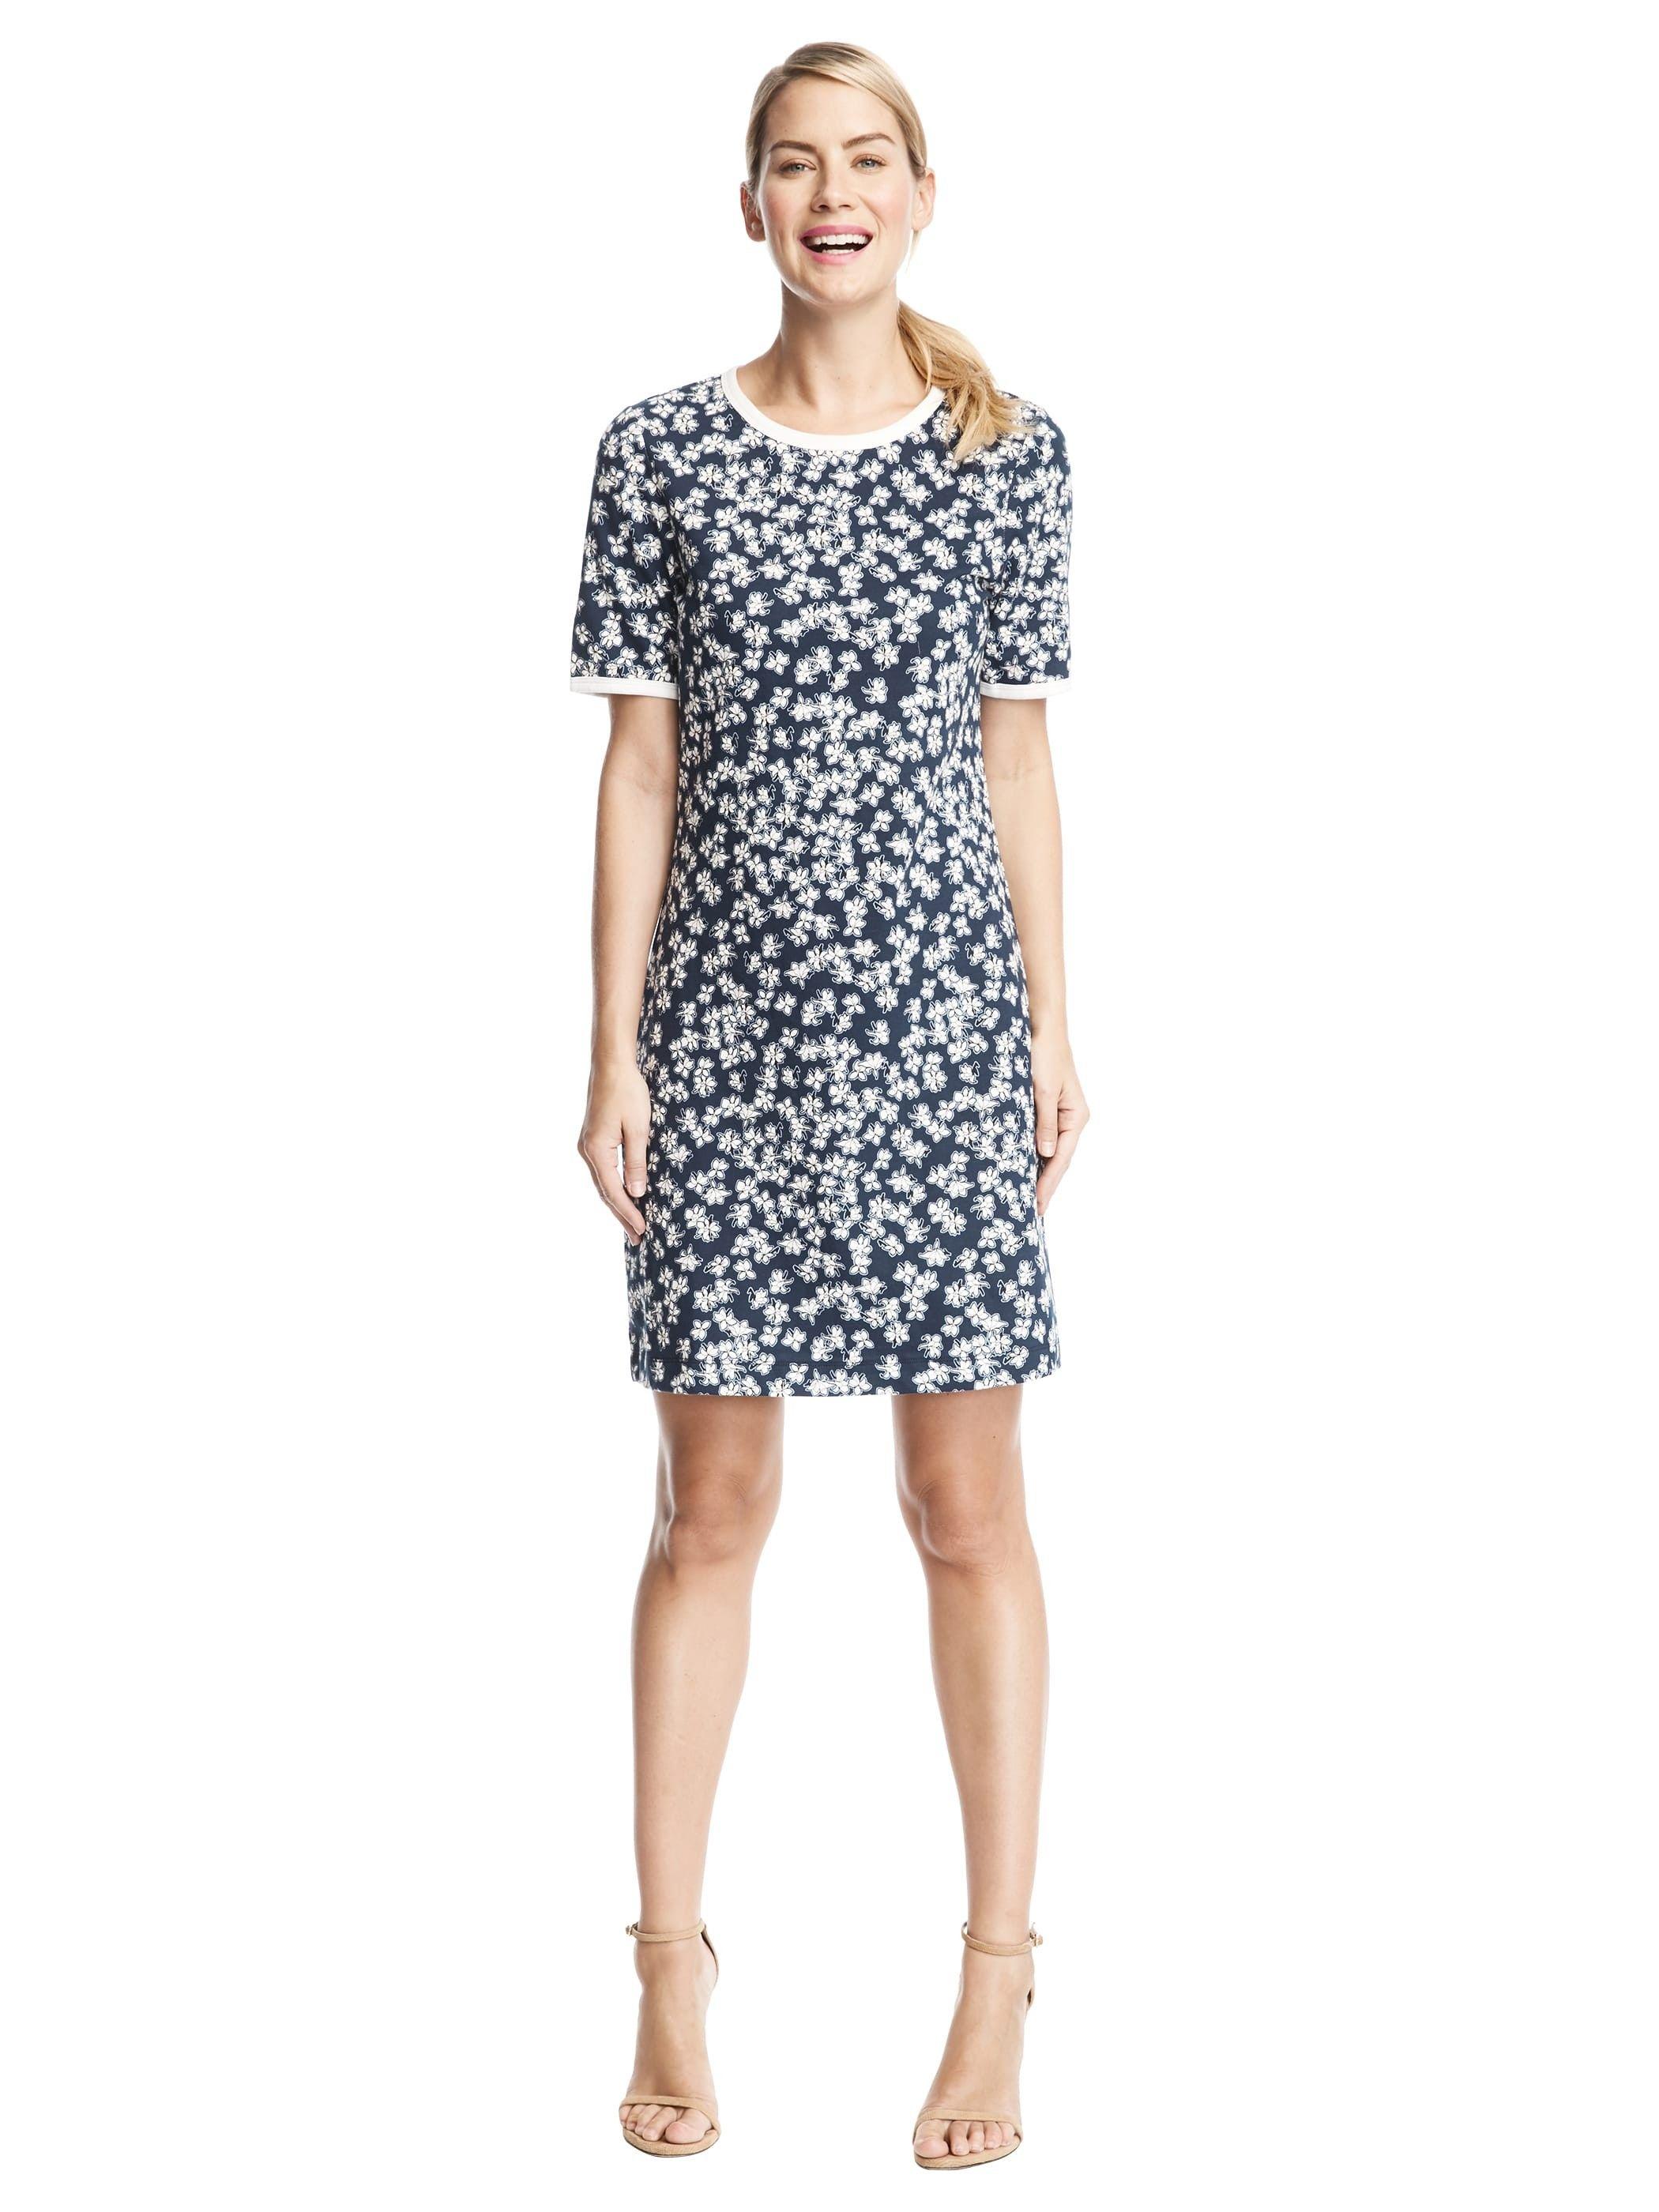 796eeb6419 Meadow Garden Knit Dress